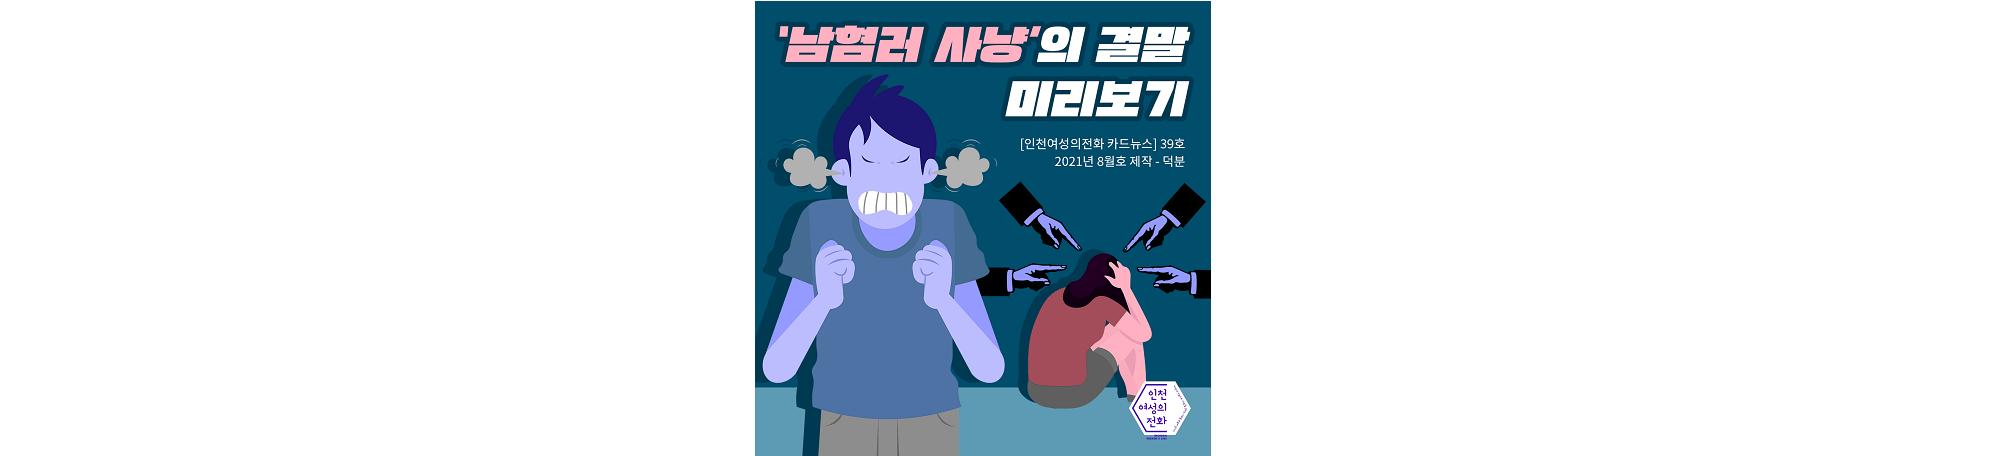 [카드뉴스제39호]'남혐러 사냥'의 결말 미리보기